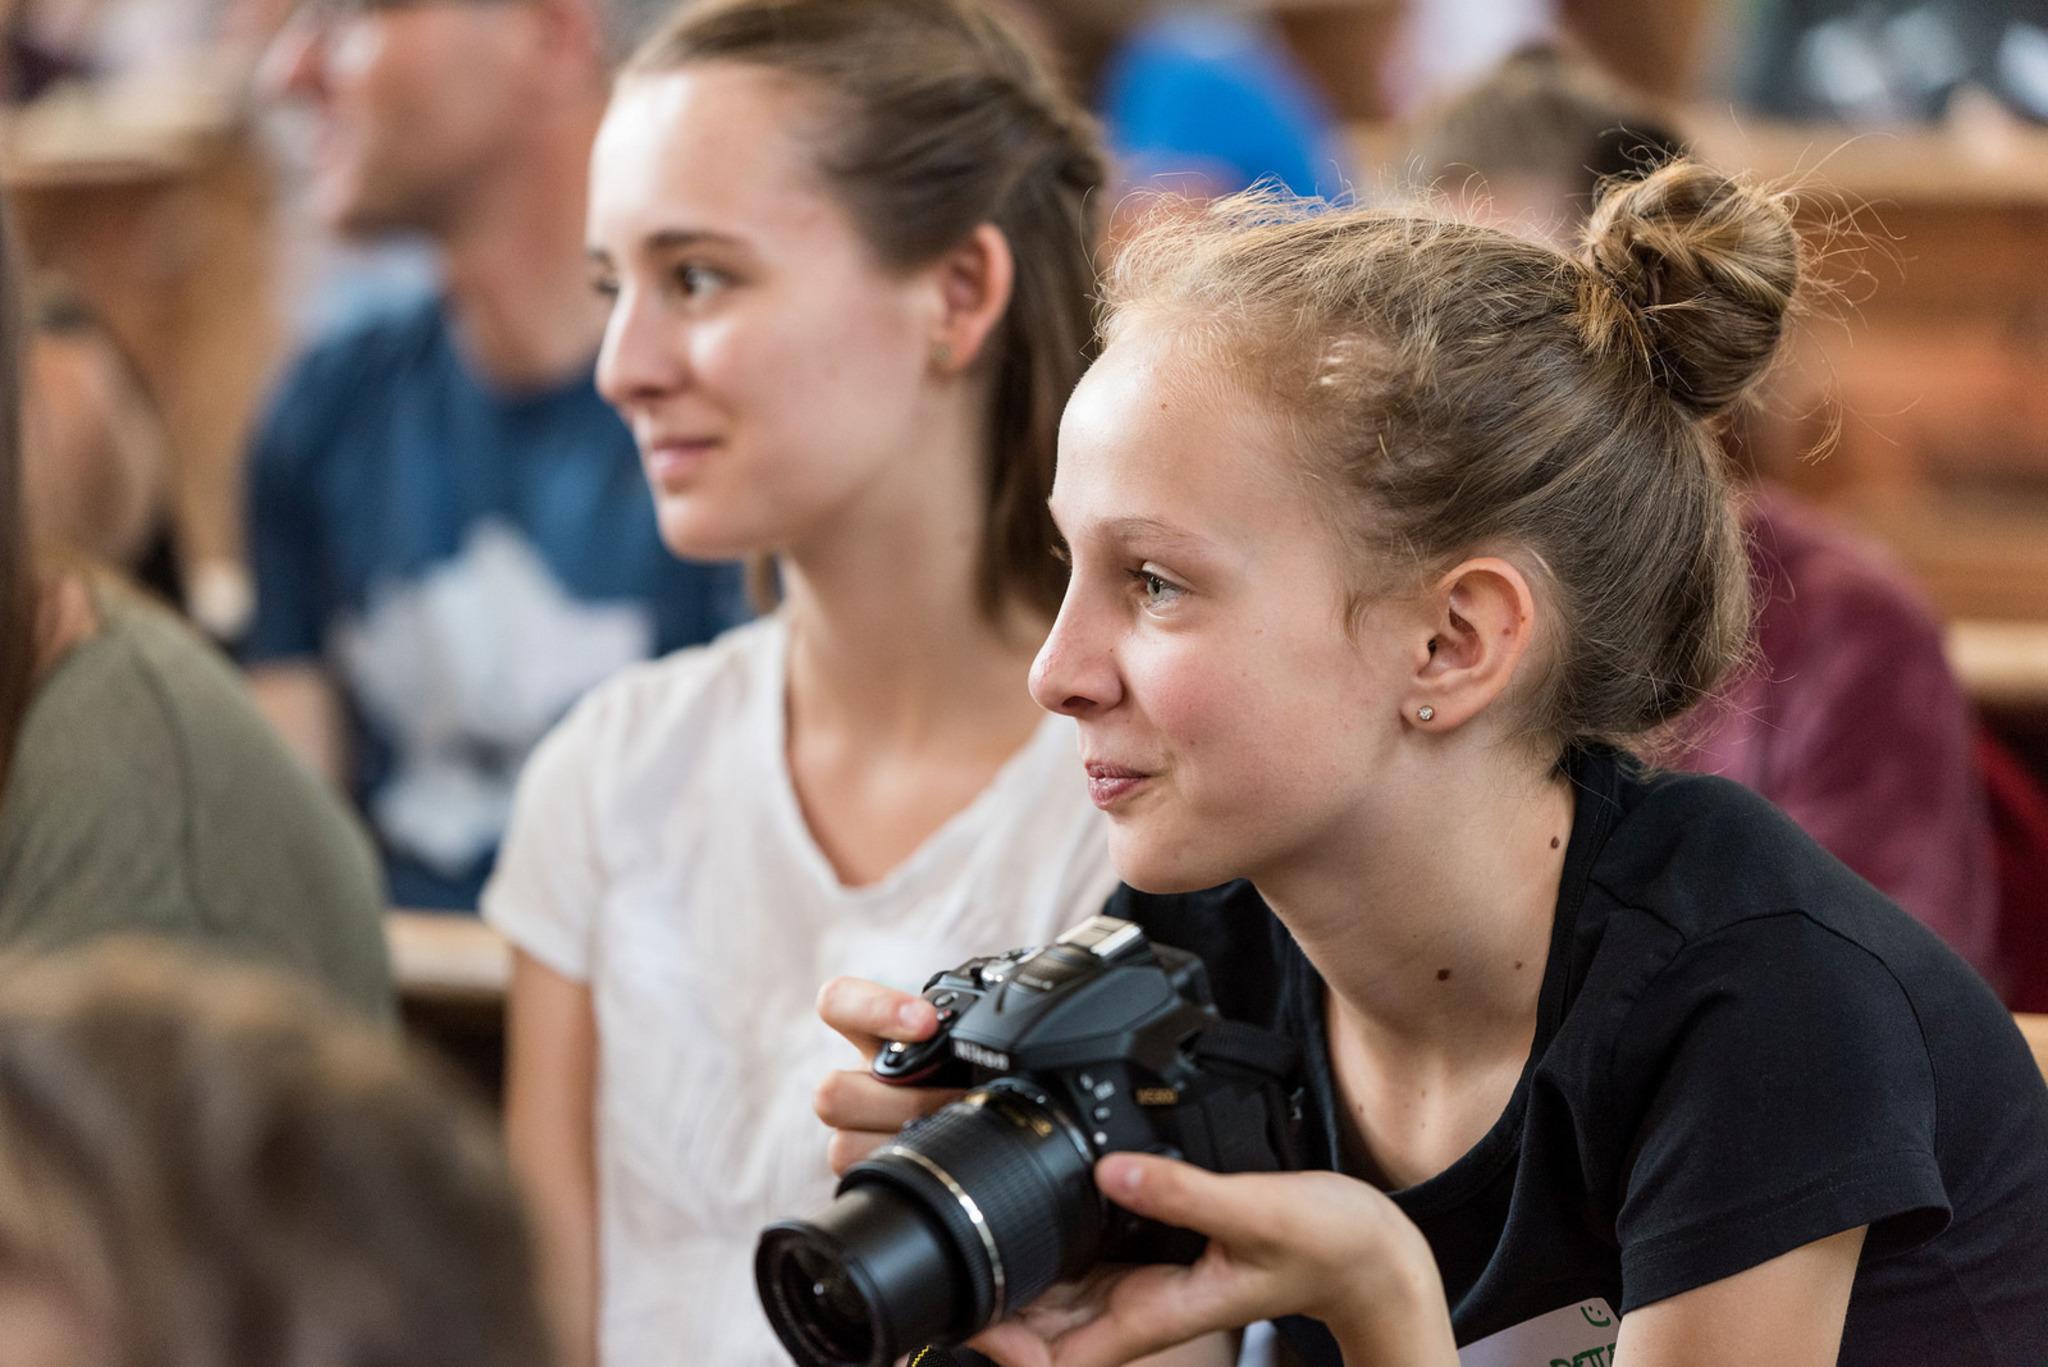 Freundschaft & Unternehmungen in Wilten - Bekanntschaften